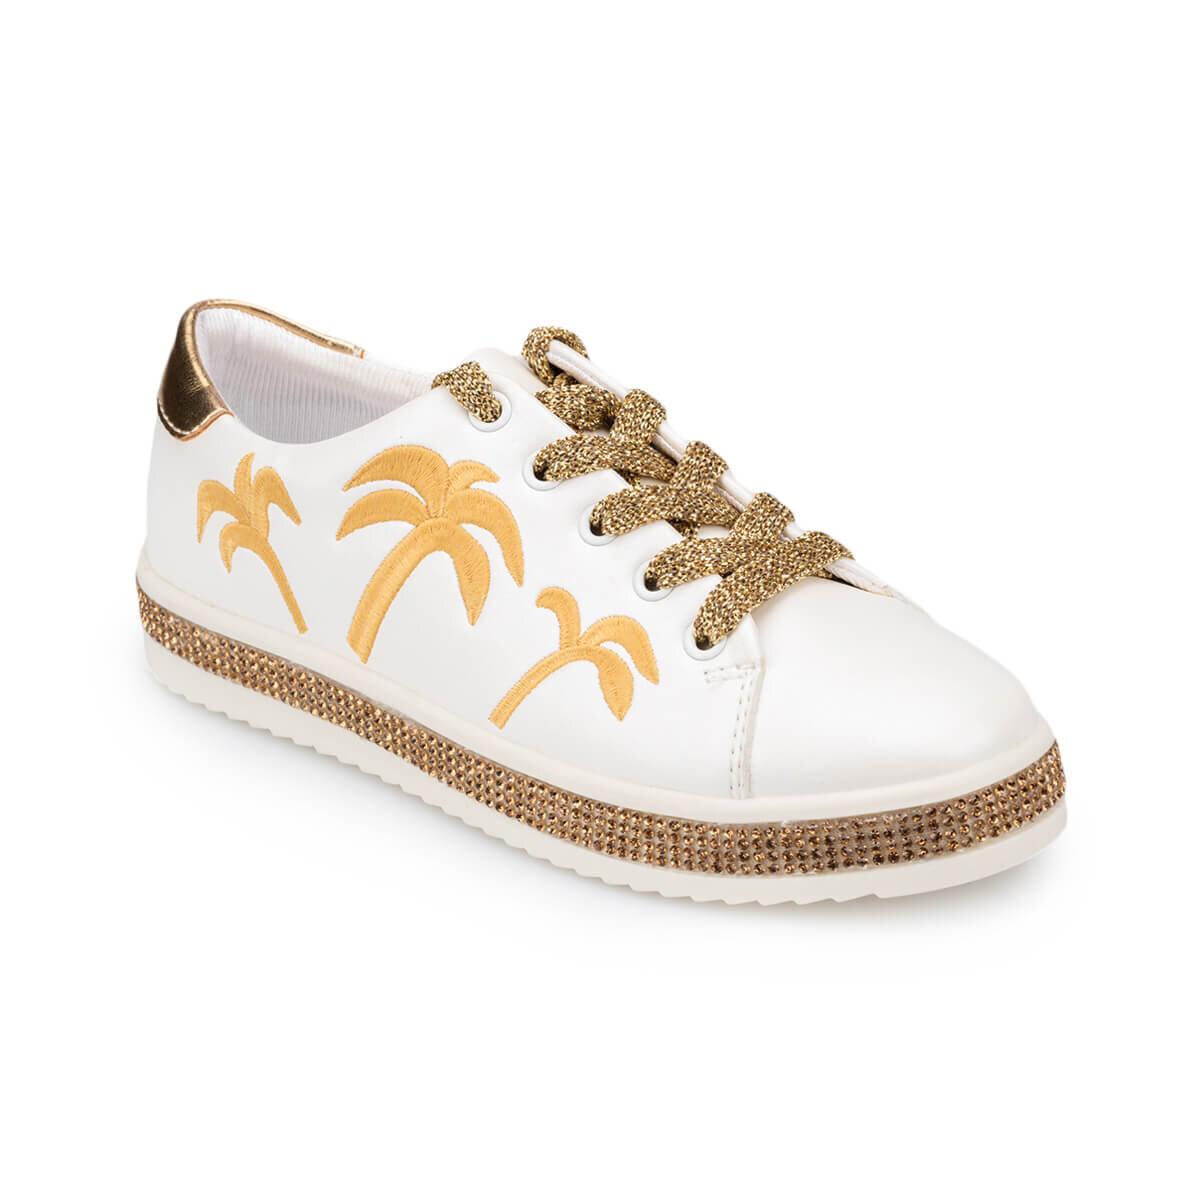 BEYAZ Kız Çocuk Ayakkabı